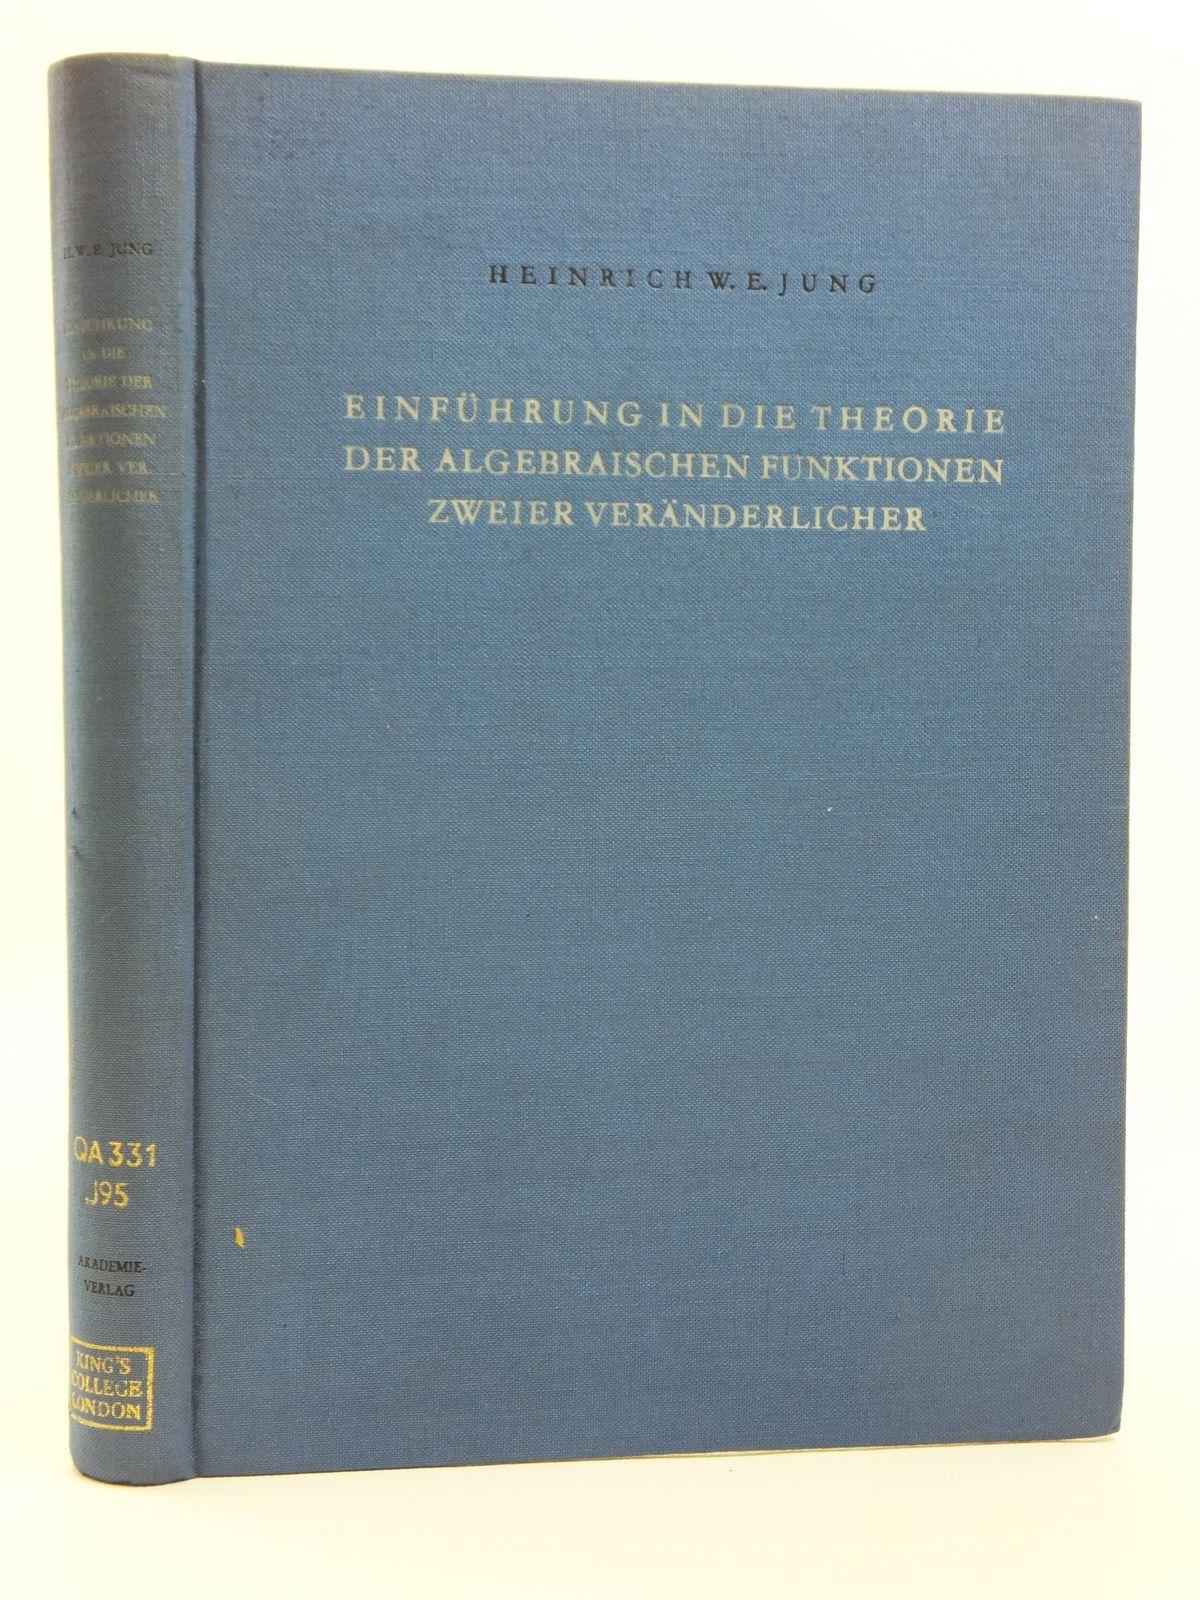 Photo of EINFUHRUNG IN DIE THEORIE DER ALGEBRAISCHEN FUNKTIONEN ZWEIER VERANDERLICHER written by Jung, Heinrich W.E. published by Akademie-Verlag (STOCK CODE: 2120715)  for sale by Stella & Rose's Books